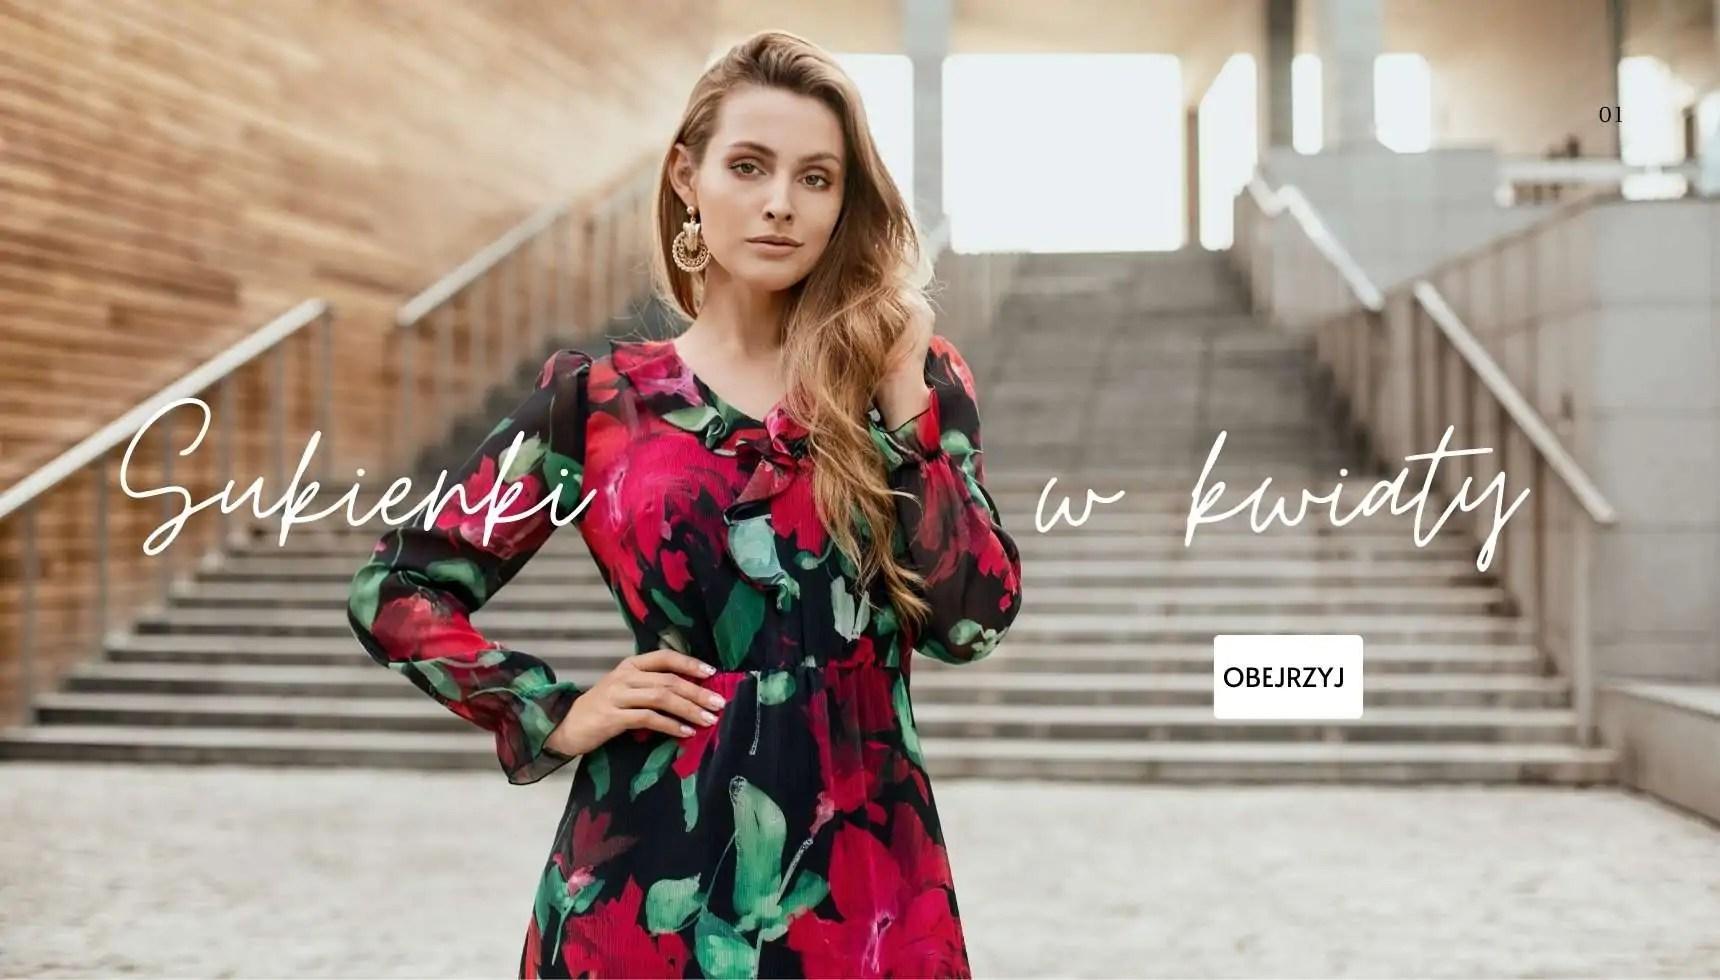 sukienki w kwiaty wiosna 2021 polska marka odzieży damskiej Vito Vergelis